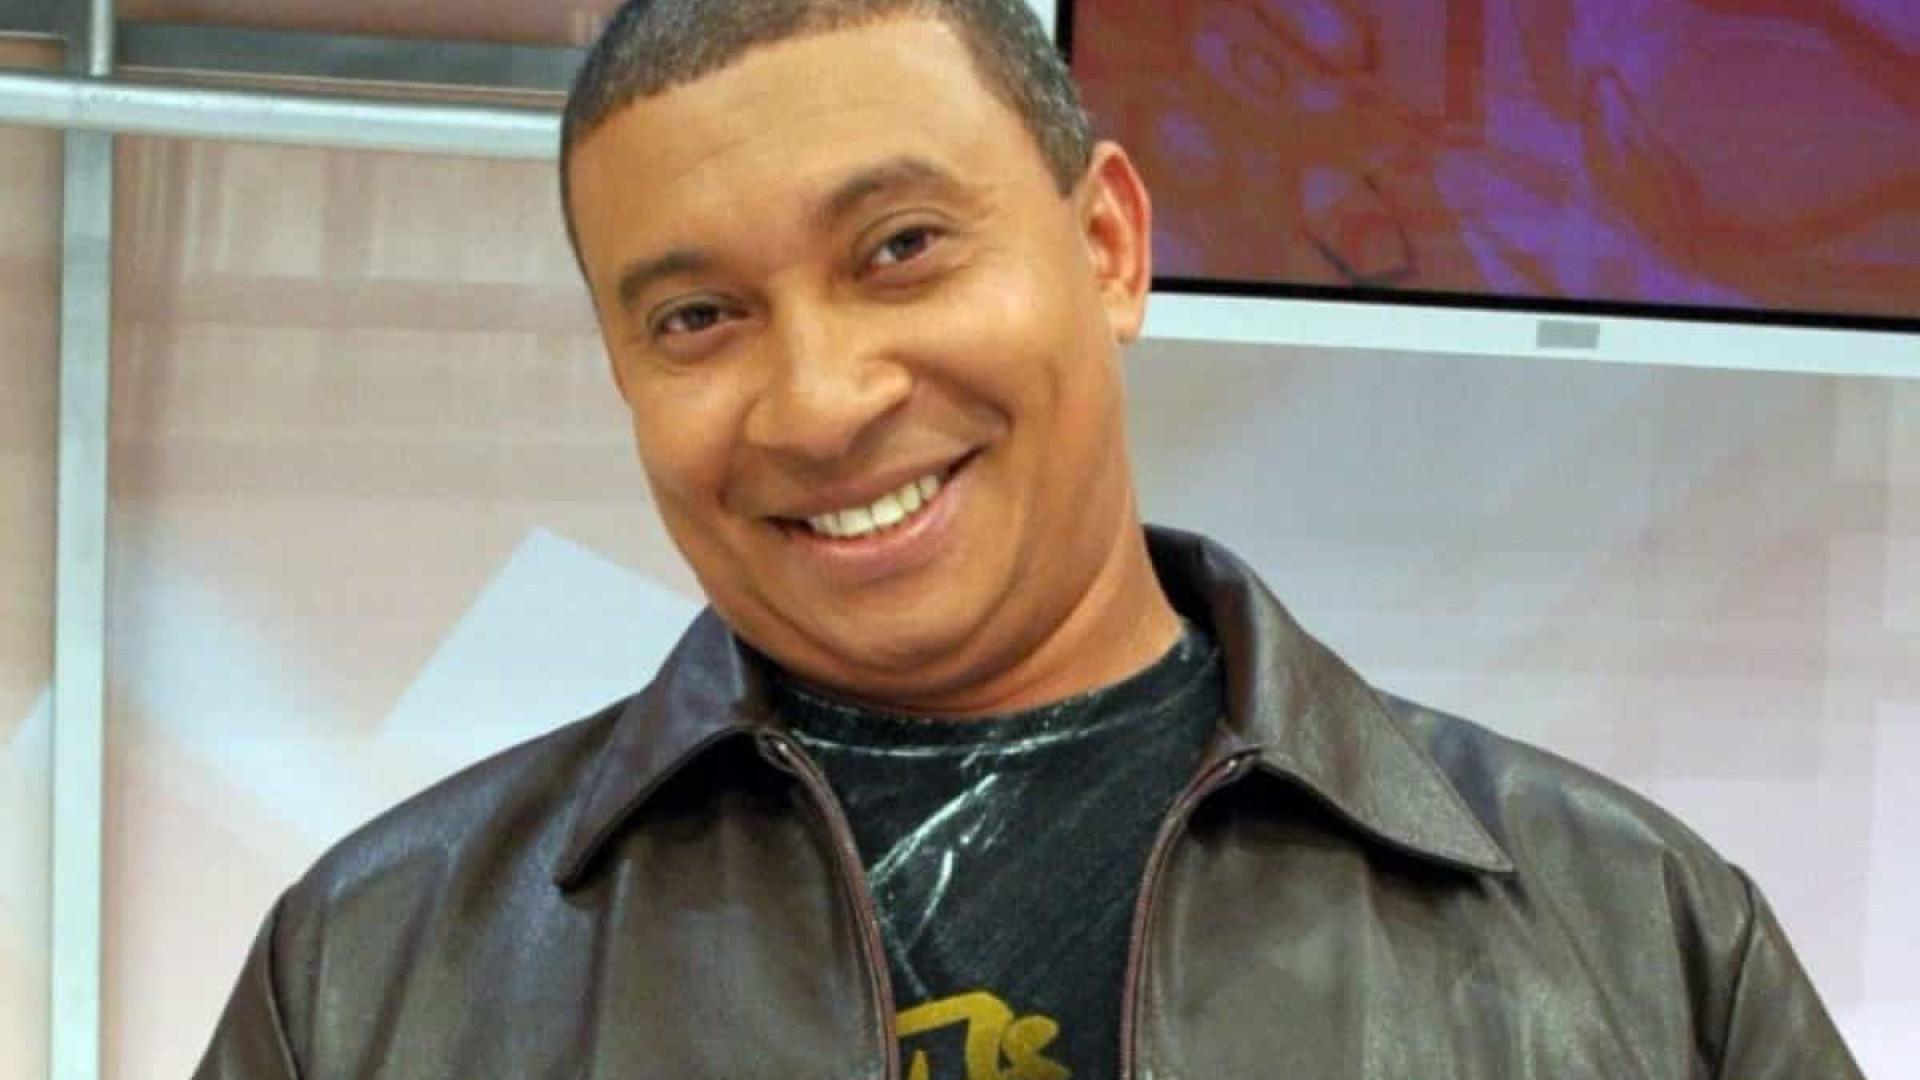 Humorista Pedro Manso passa por nova cirurgia para tentar salvar o rim